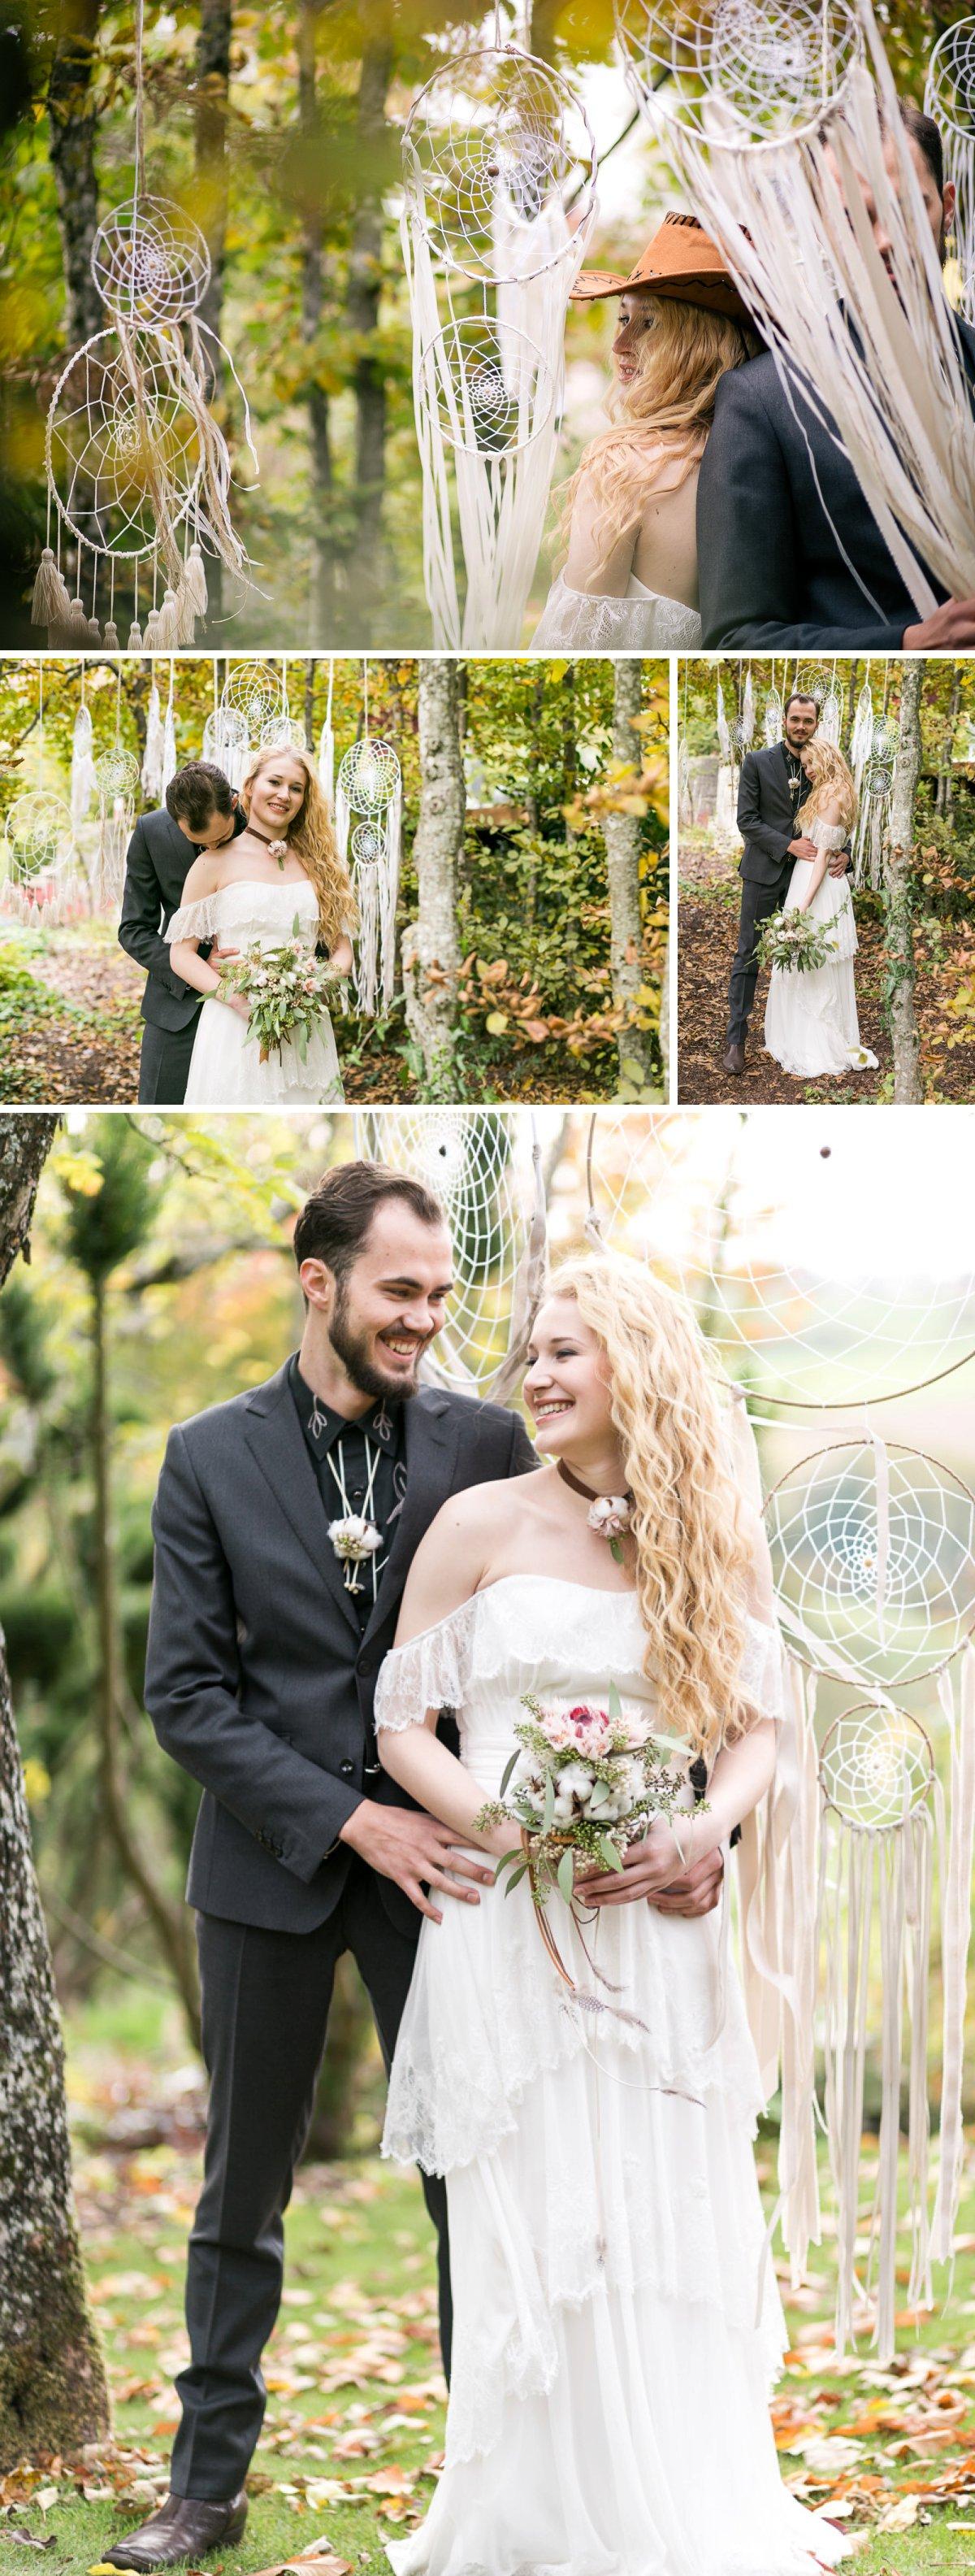 Workshop Hochzeitsfotografen Dein Hochzeitsblog_0018